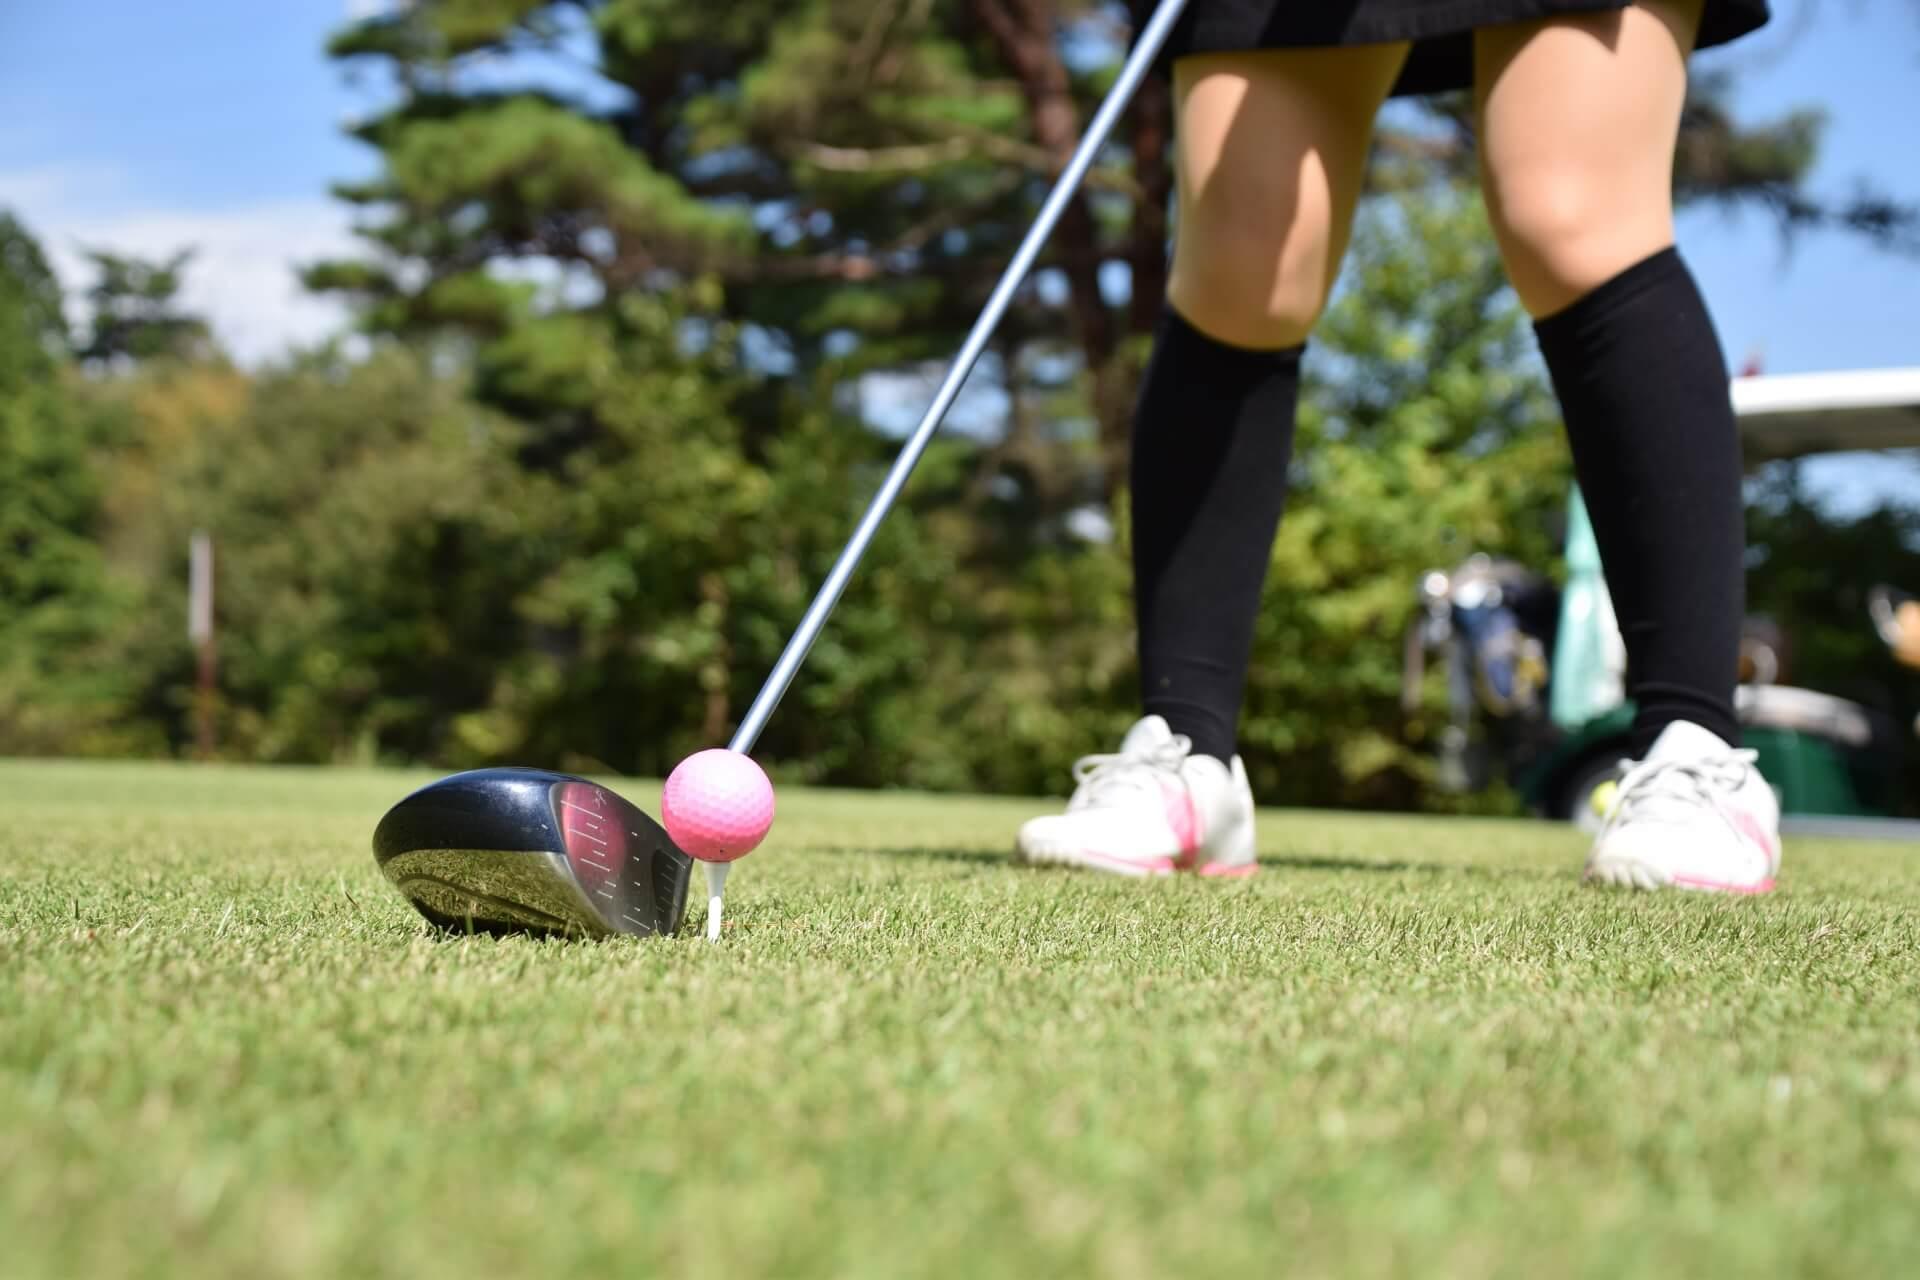 ゴルフの飛距離を伸ばしたい!ゴルフ女子にぴったりの練習方法